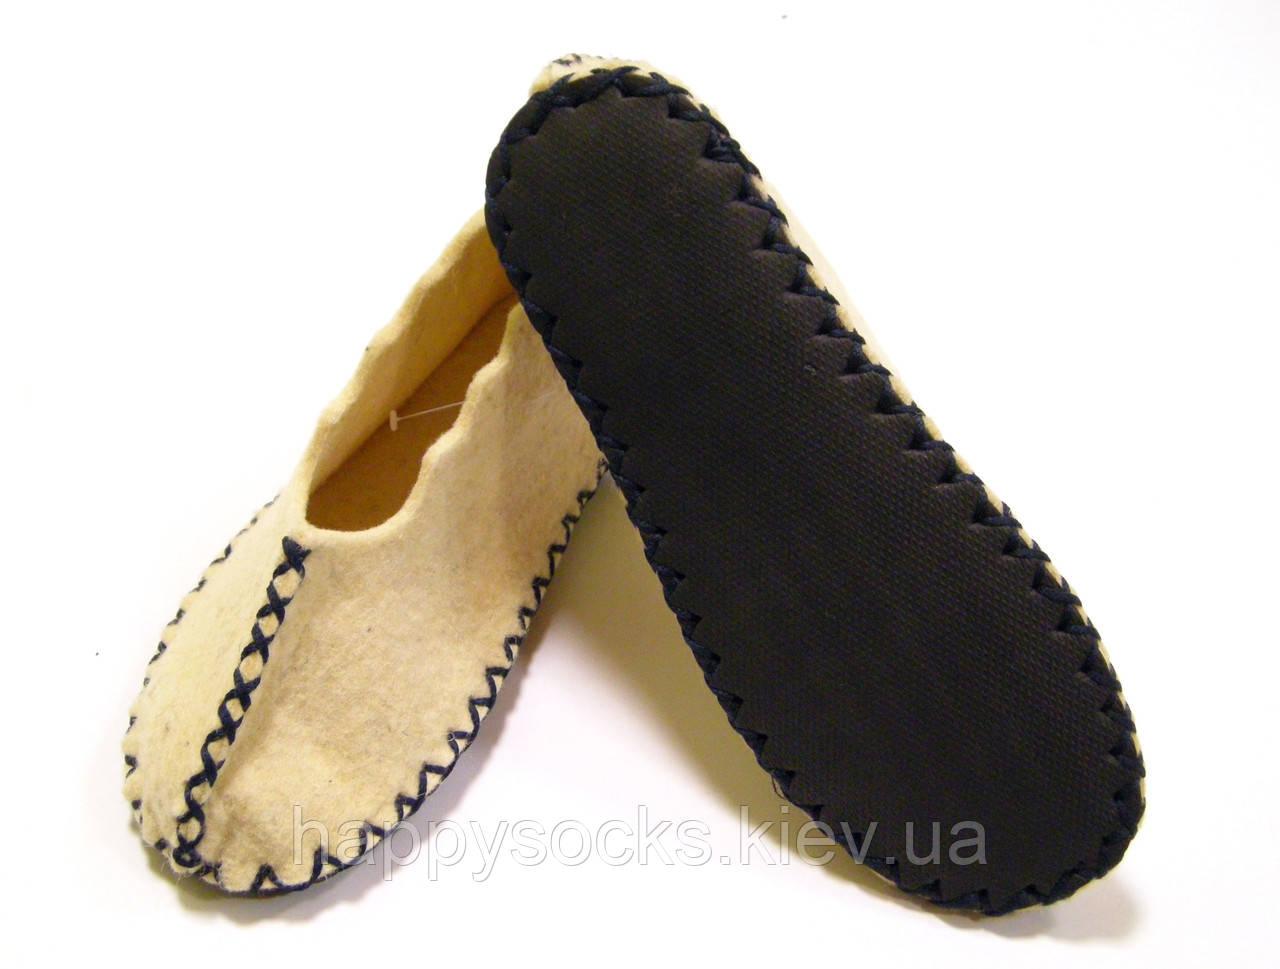 Войлочные тапочки ручной работы шерстяные с темно-синим шнурком